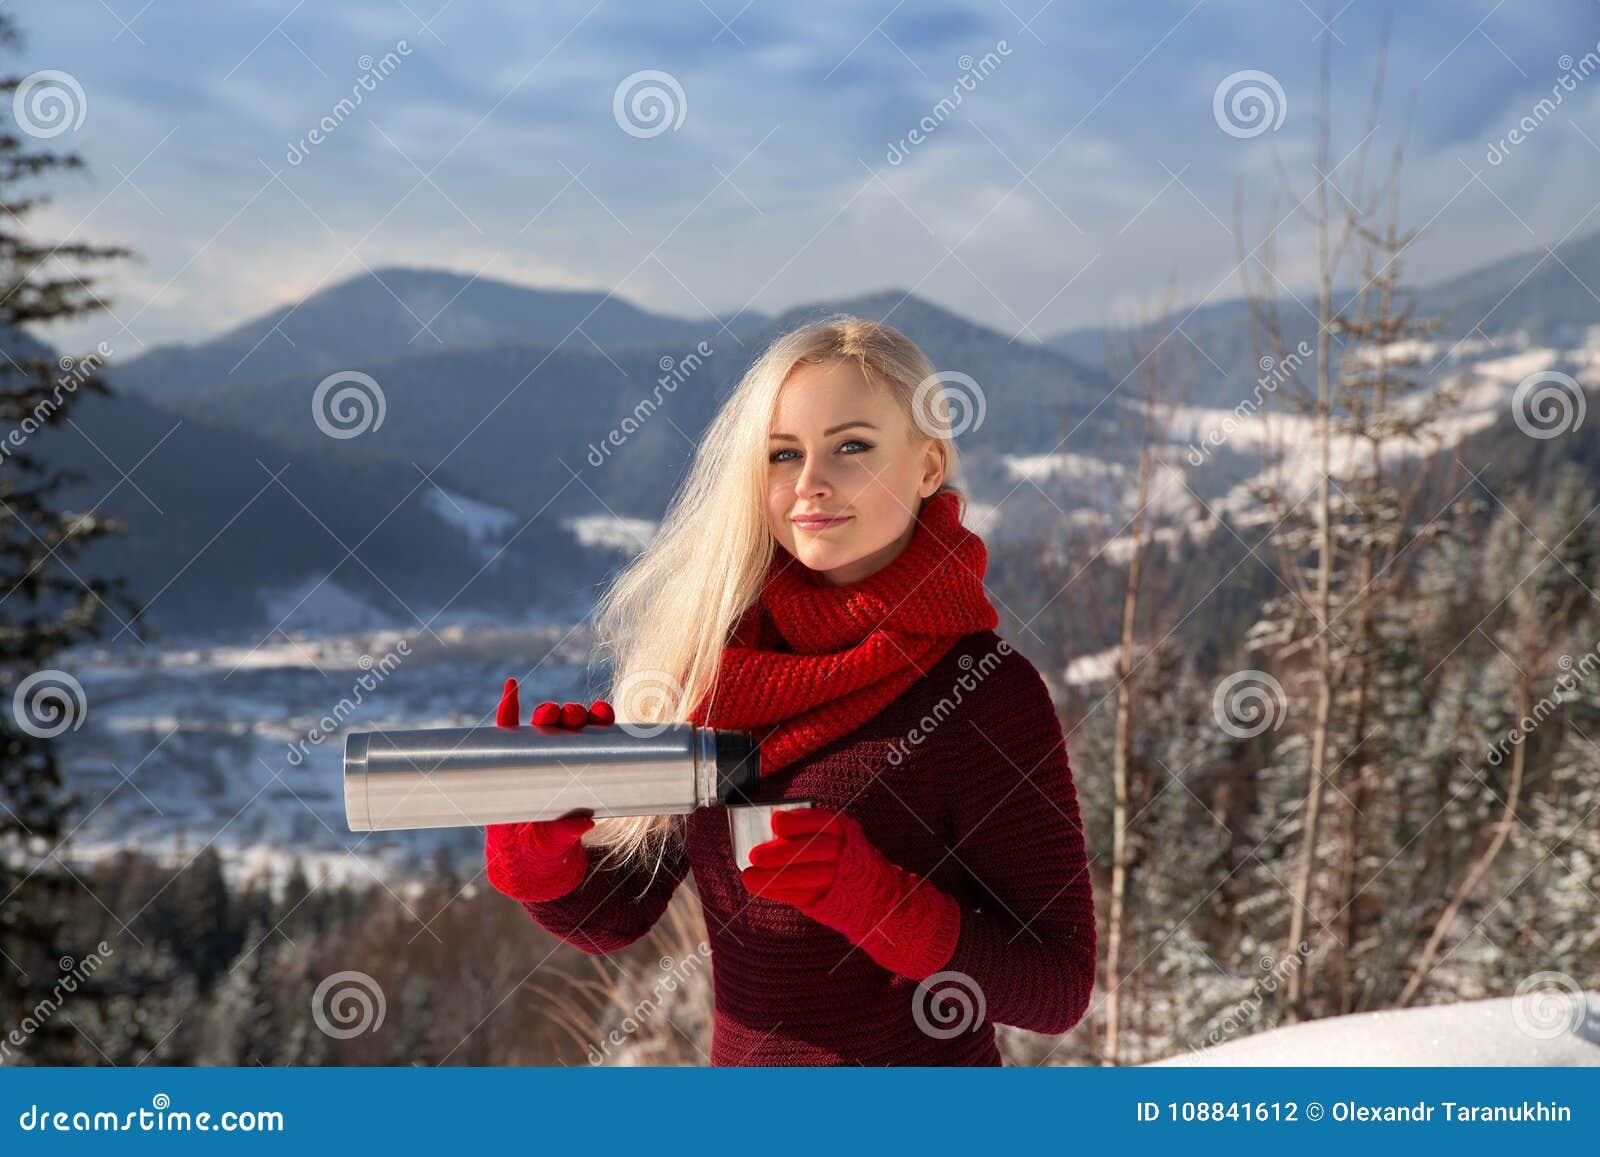 Hot girls in snow